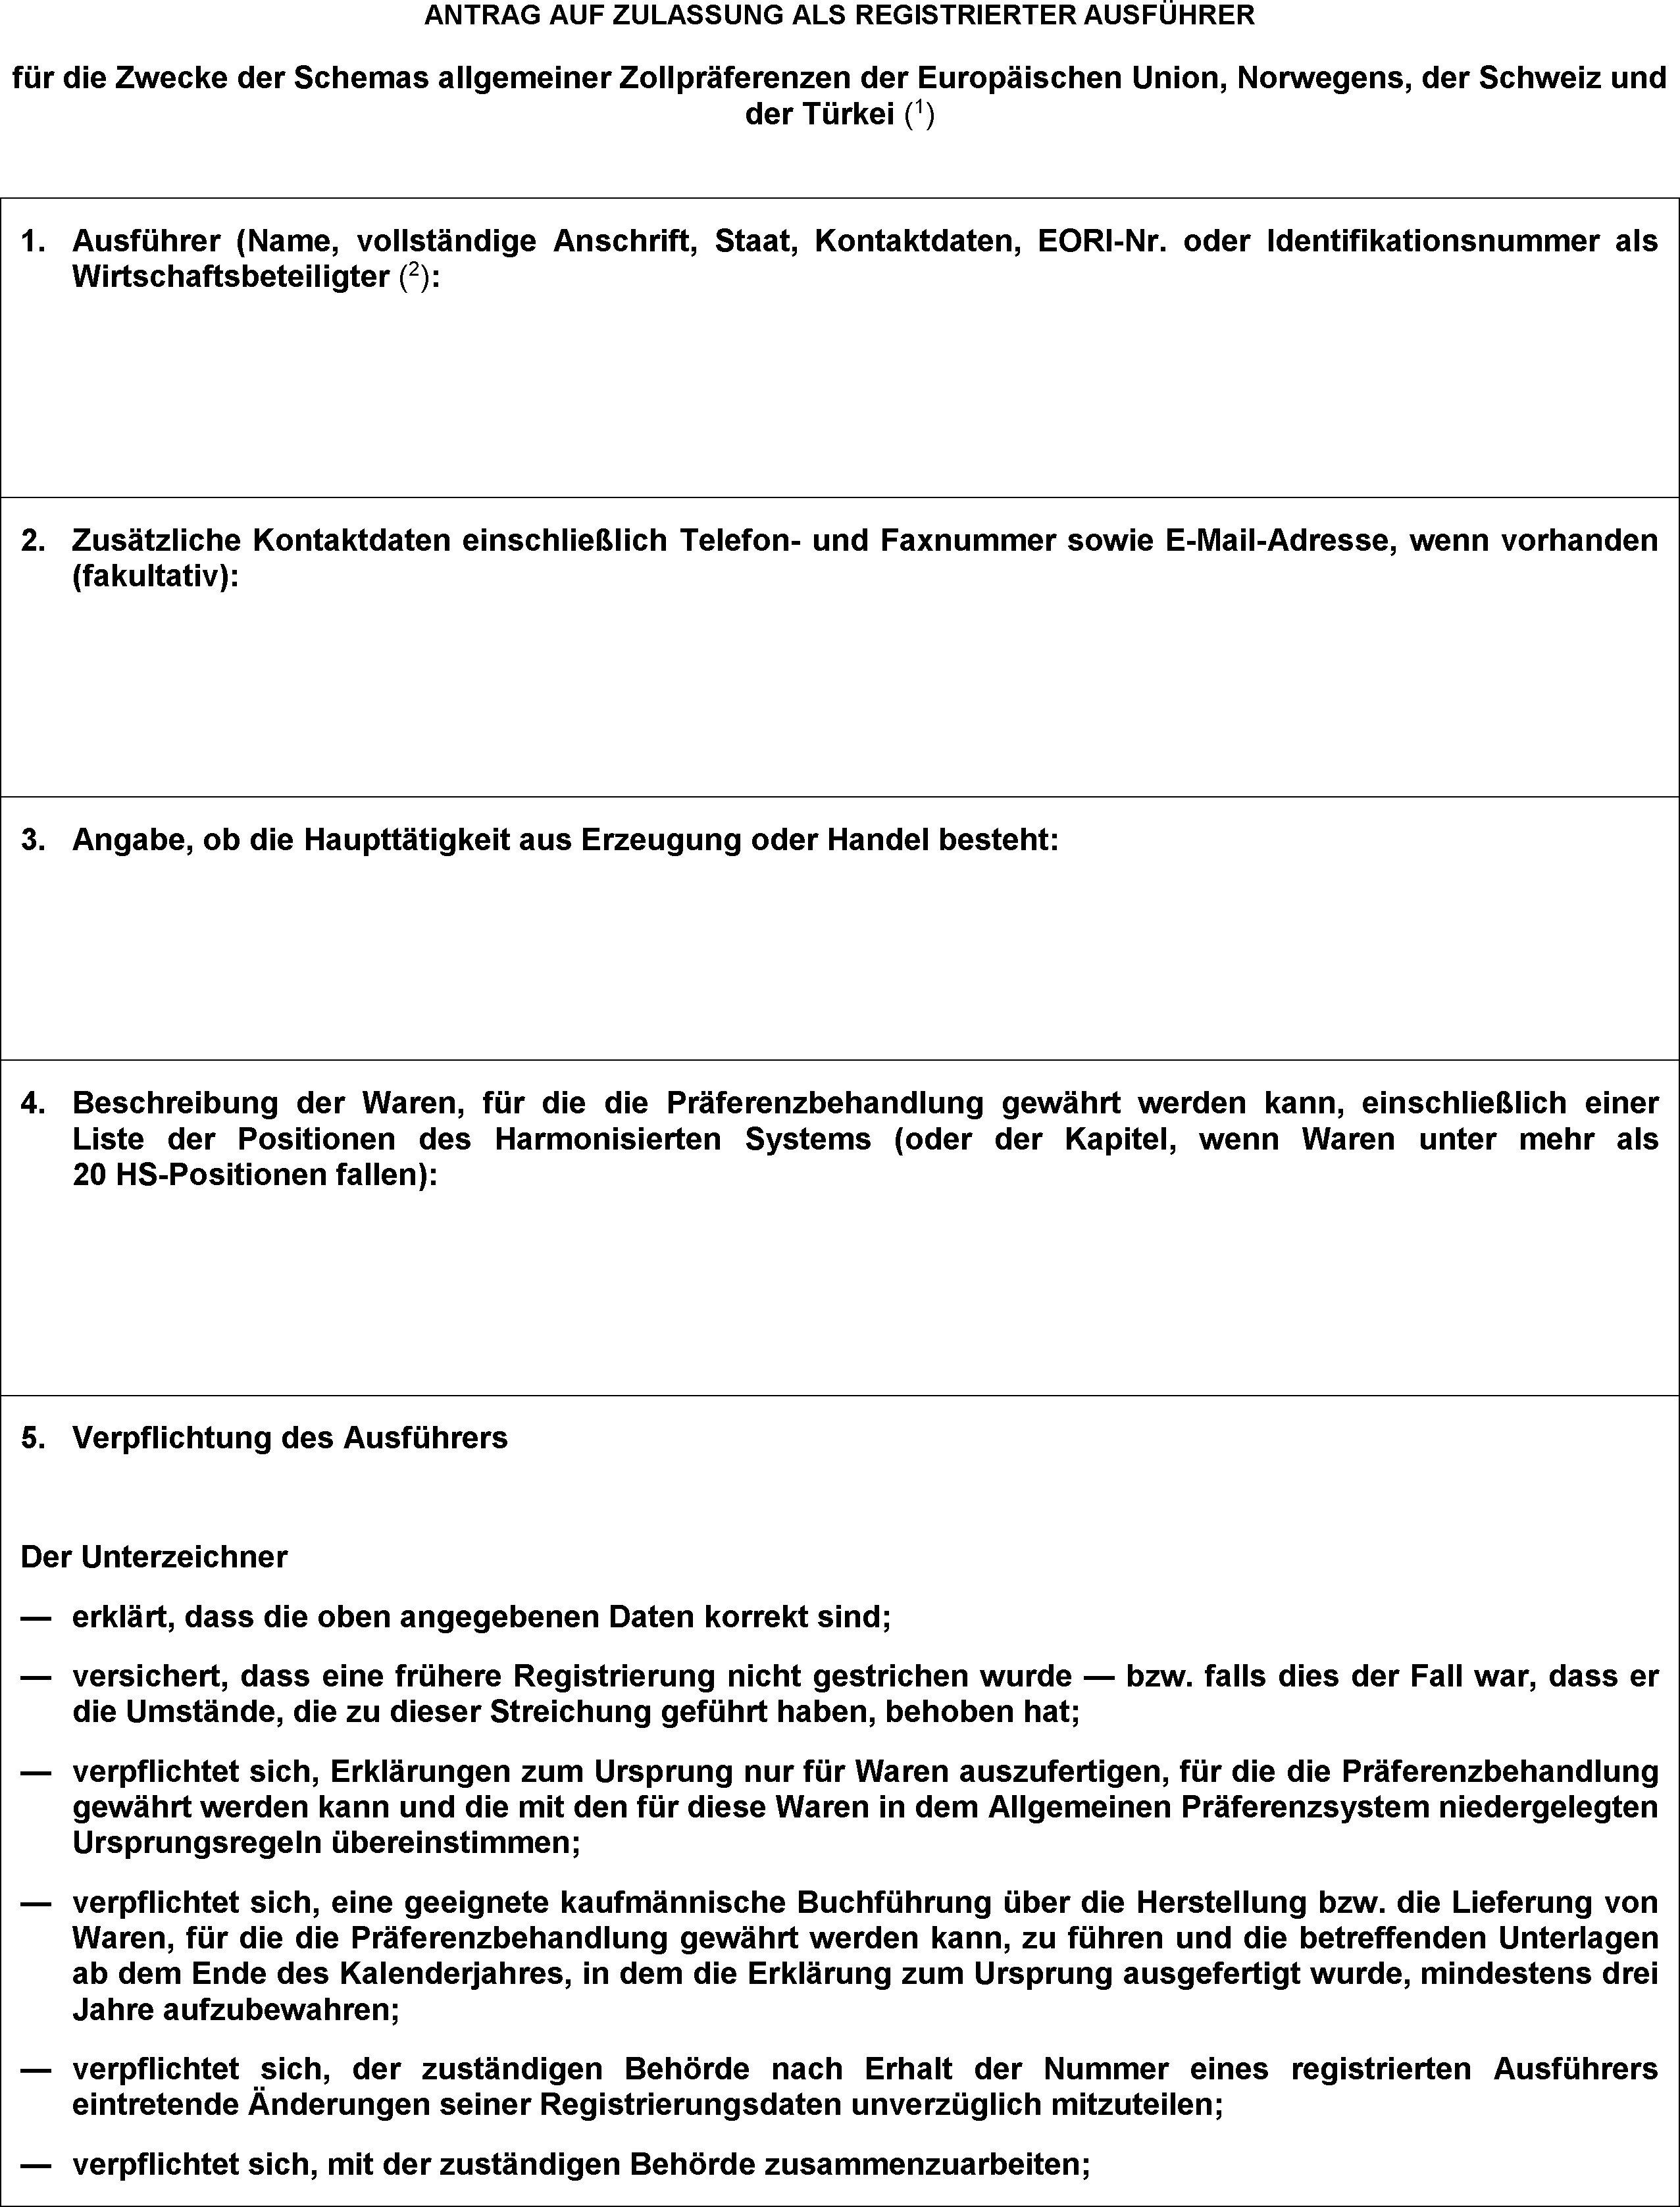 Gemütlich Text Nur Probe Fortsetzen Galerie ...